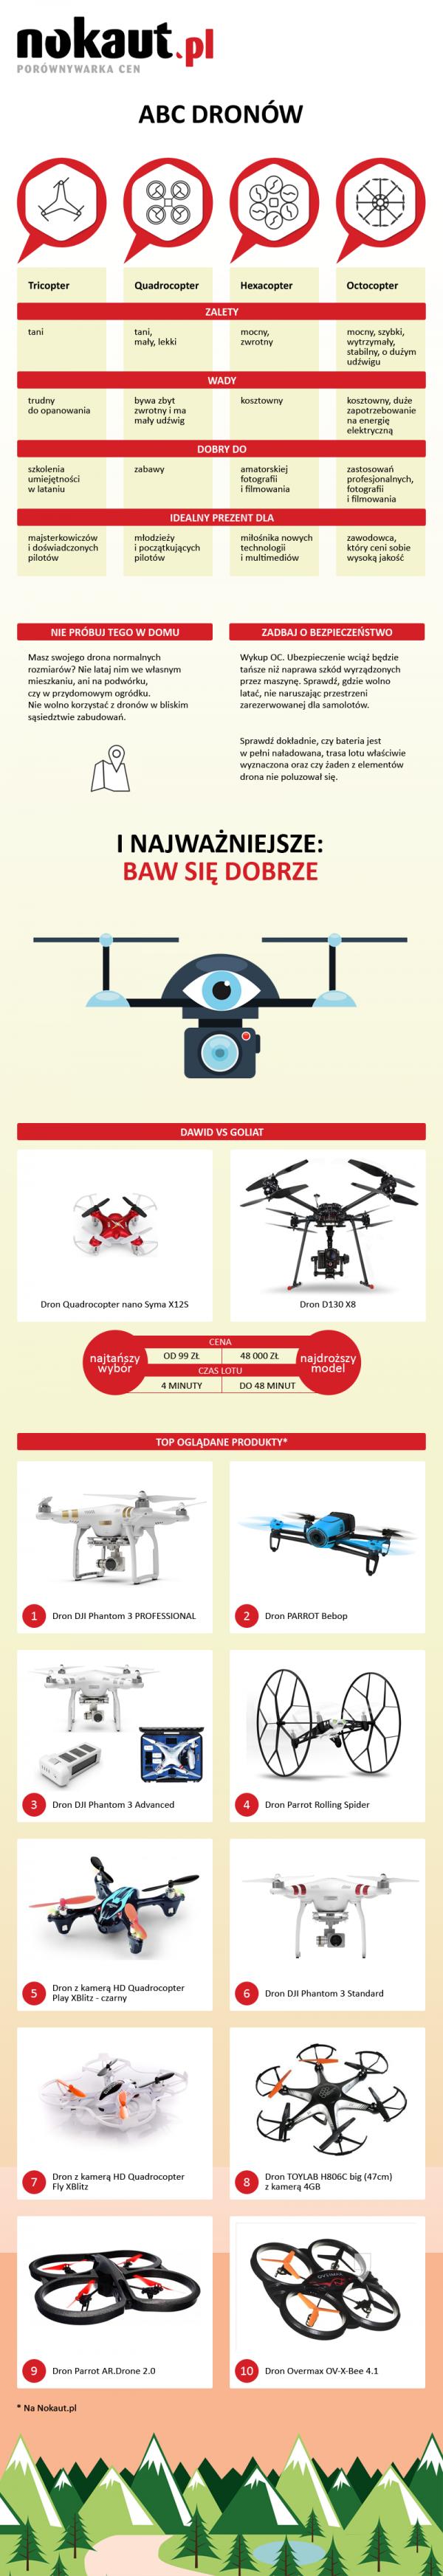 infografika nokaut abc dronów